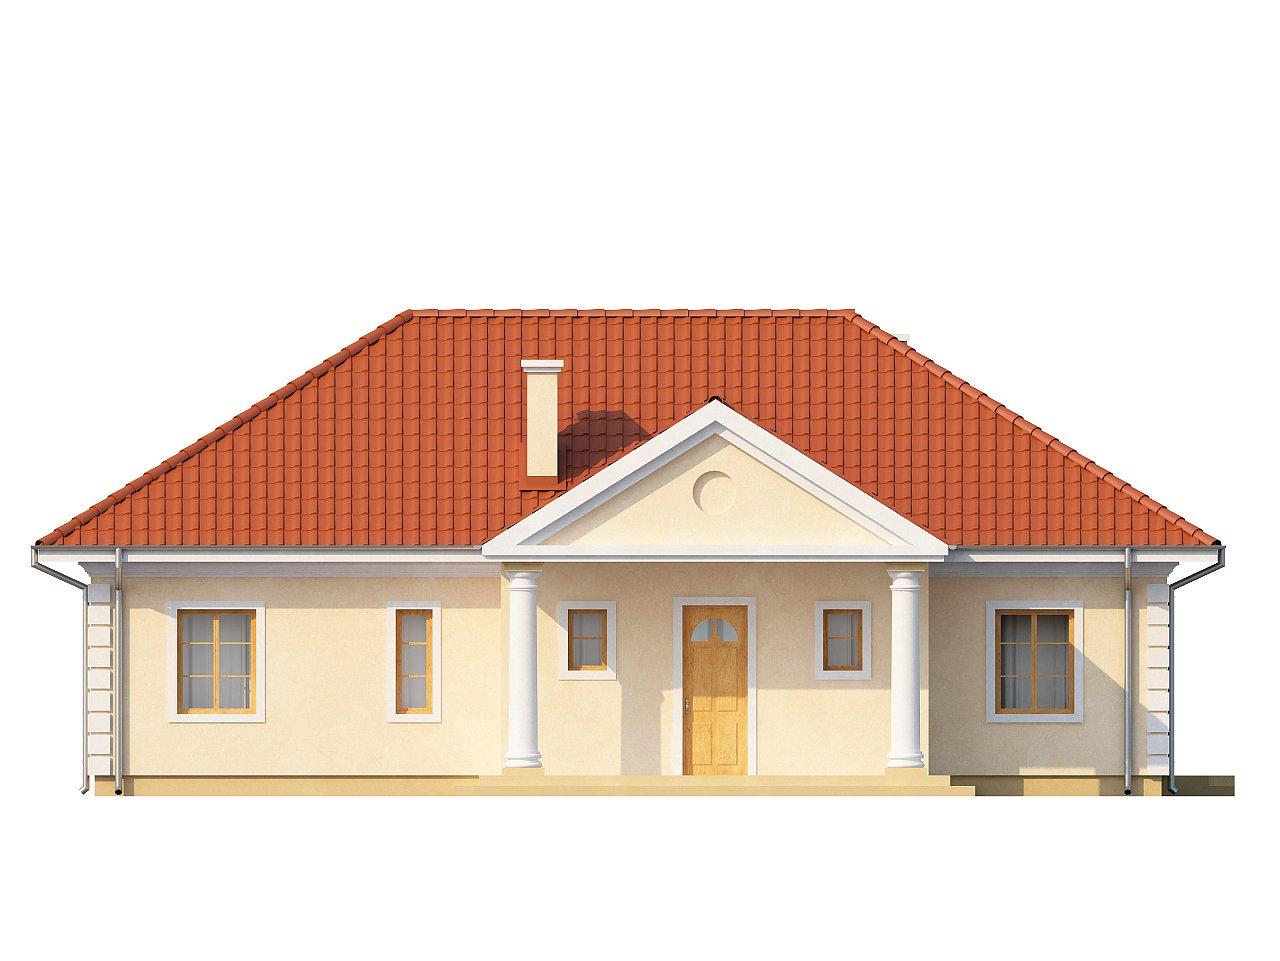 Проект в стиле дворянской усадьбы с возможностью обустройства чердачного помещения. 13